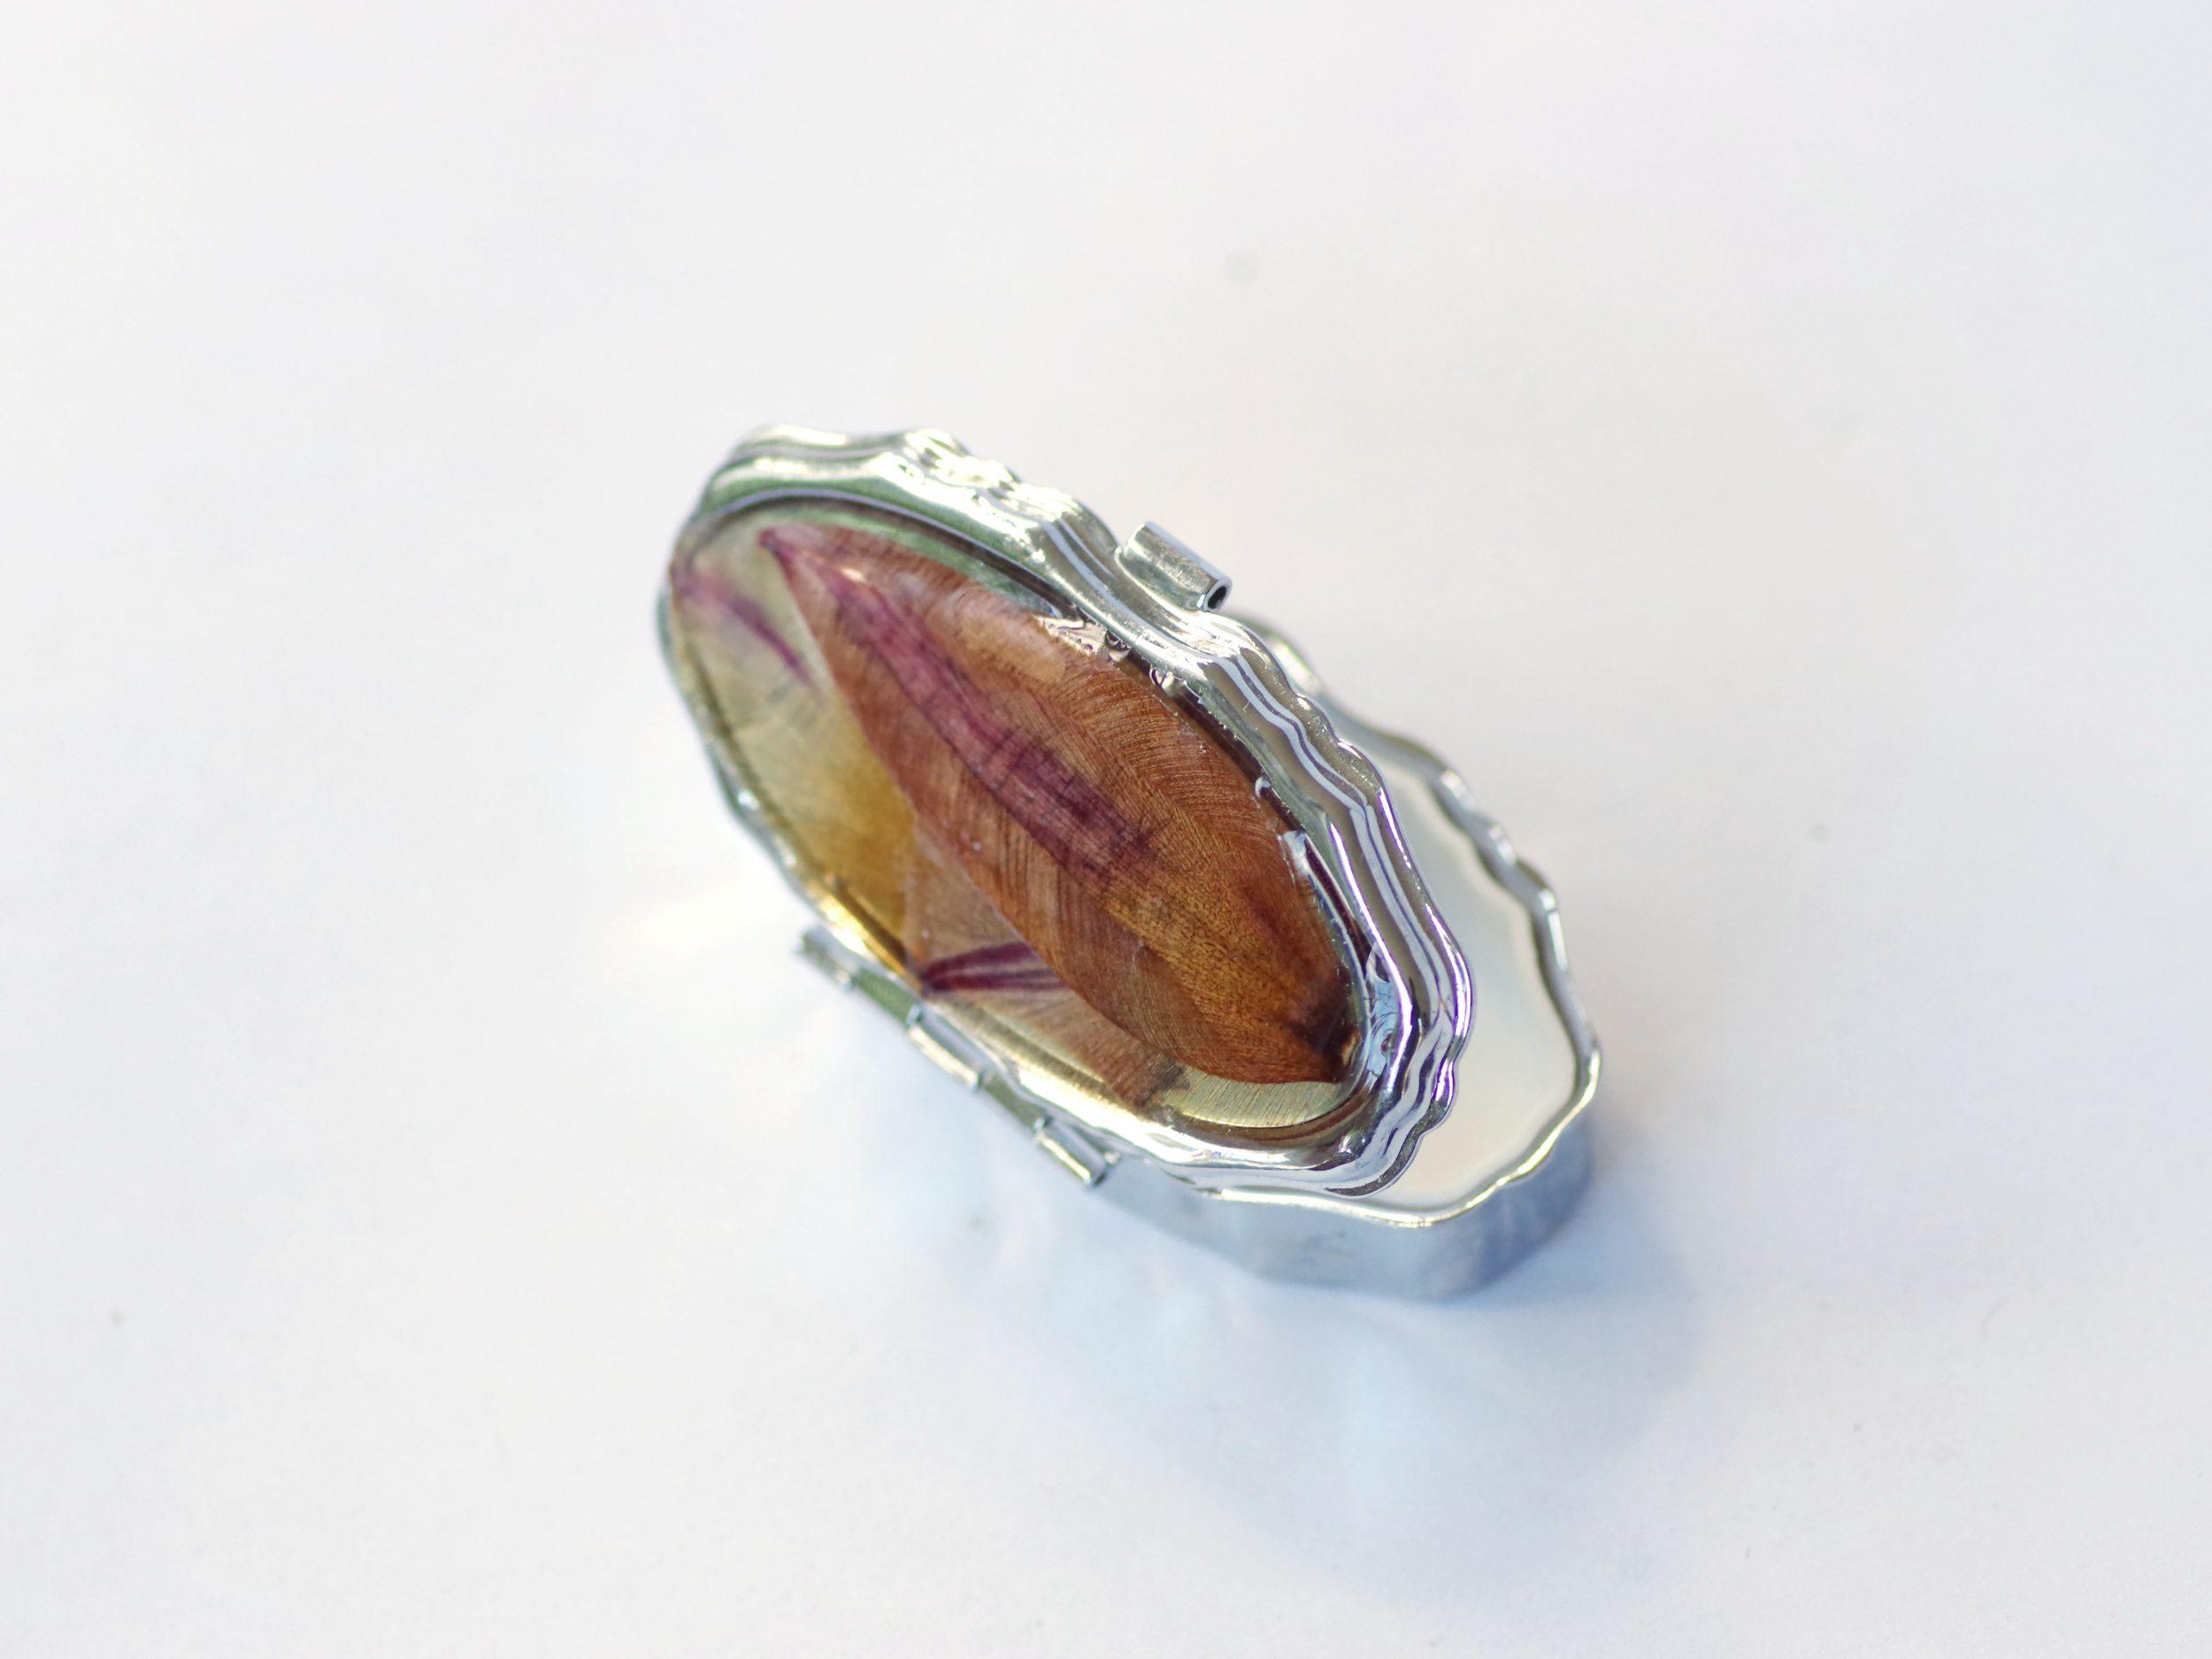 petite boite à pilules ovale décorée de pétales dans des tons orangés, boitier métallique argenté